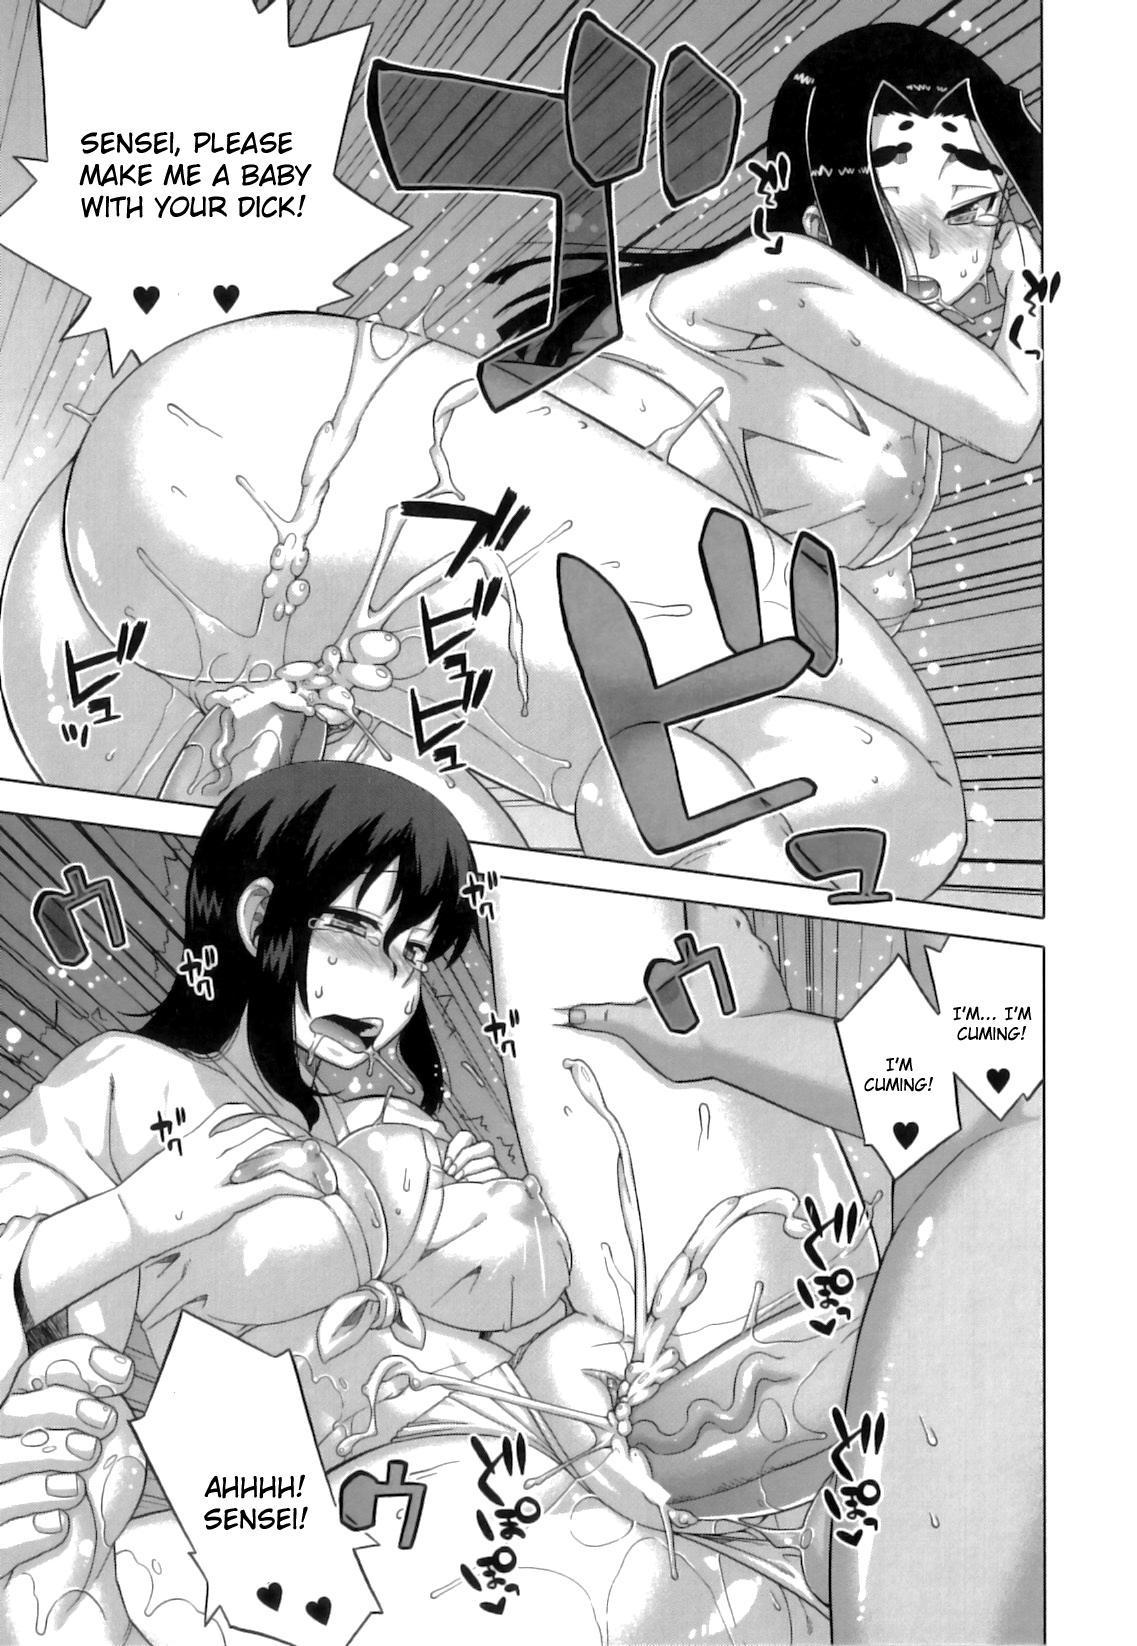 [Takatsu] DH! ~Himorogi Hyaku Yome Gatari~ | Demon-Hentai! - Shrine of One Hundred Wives [English] {doujin-moe.us} 110